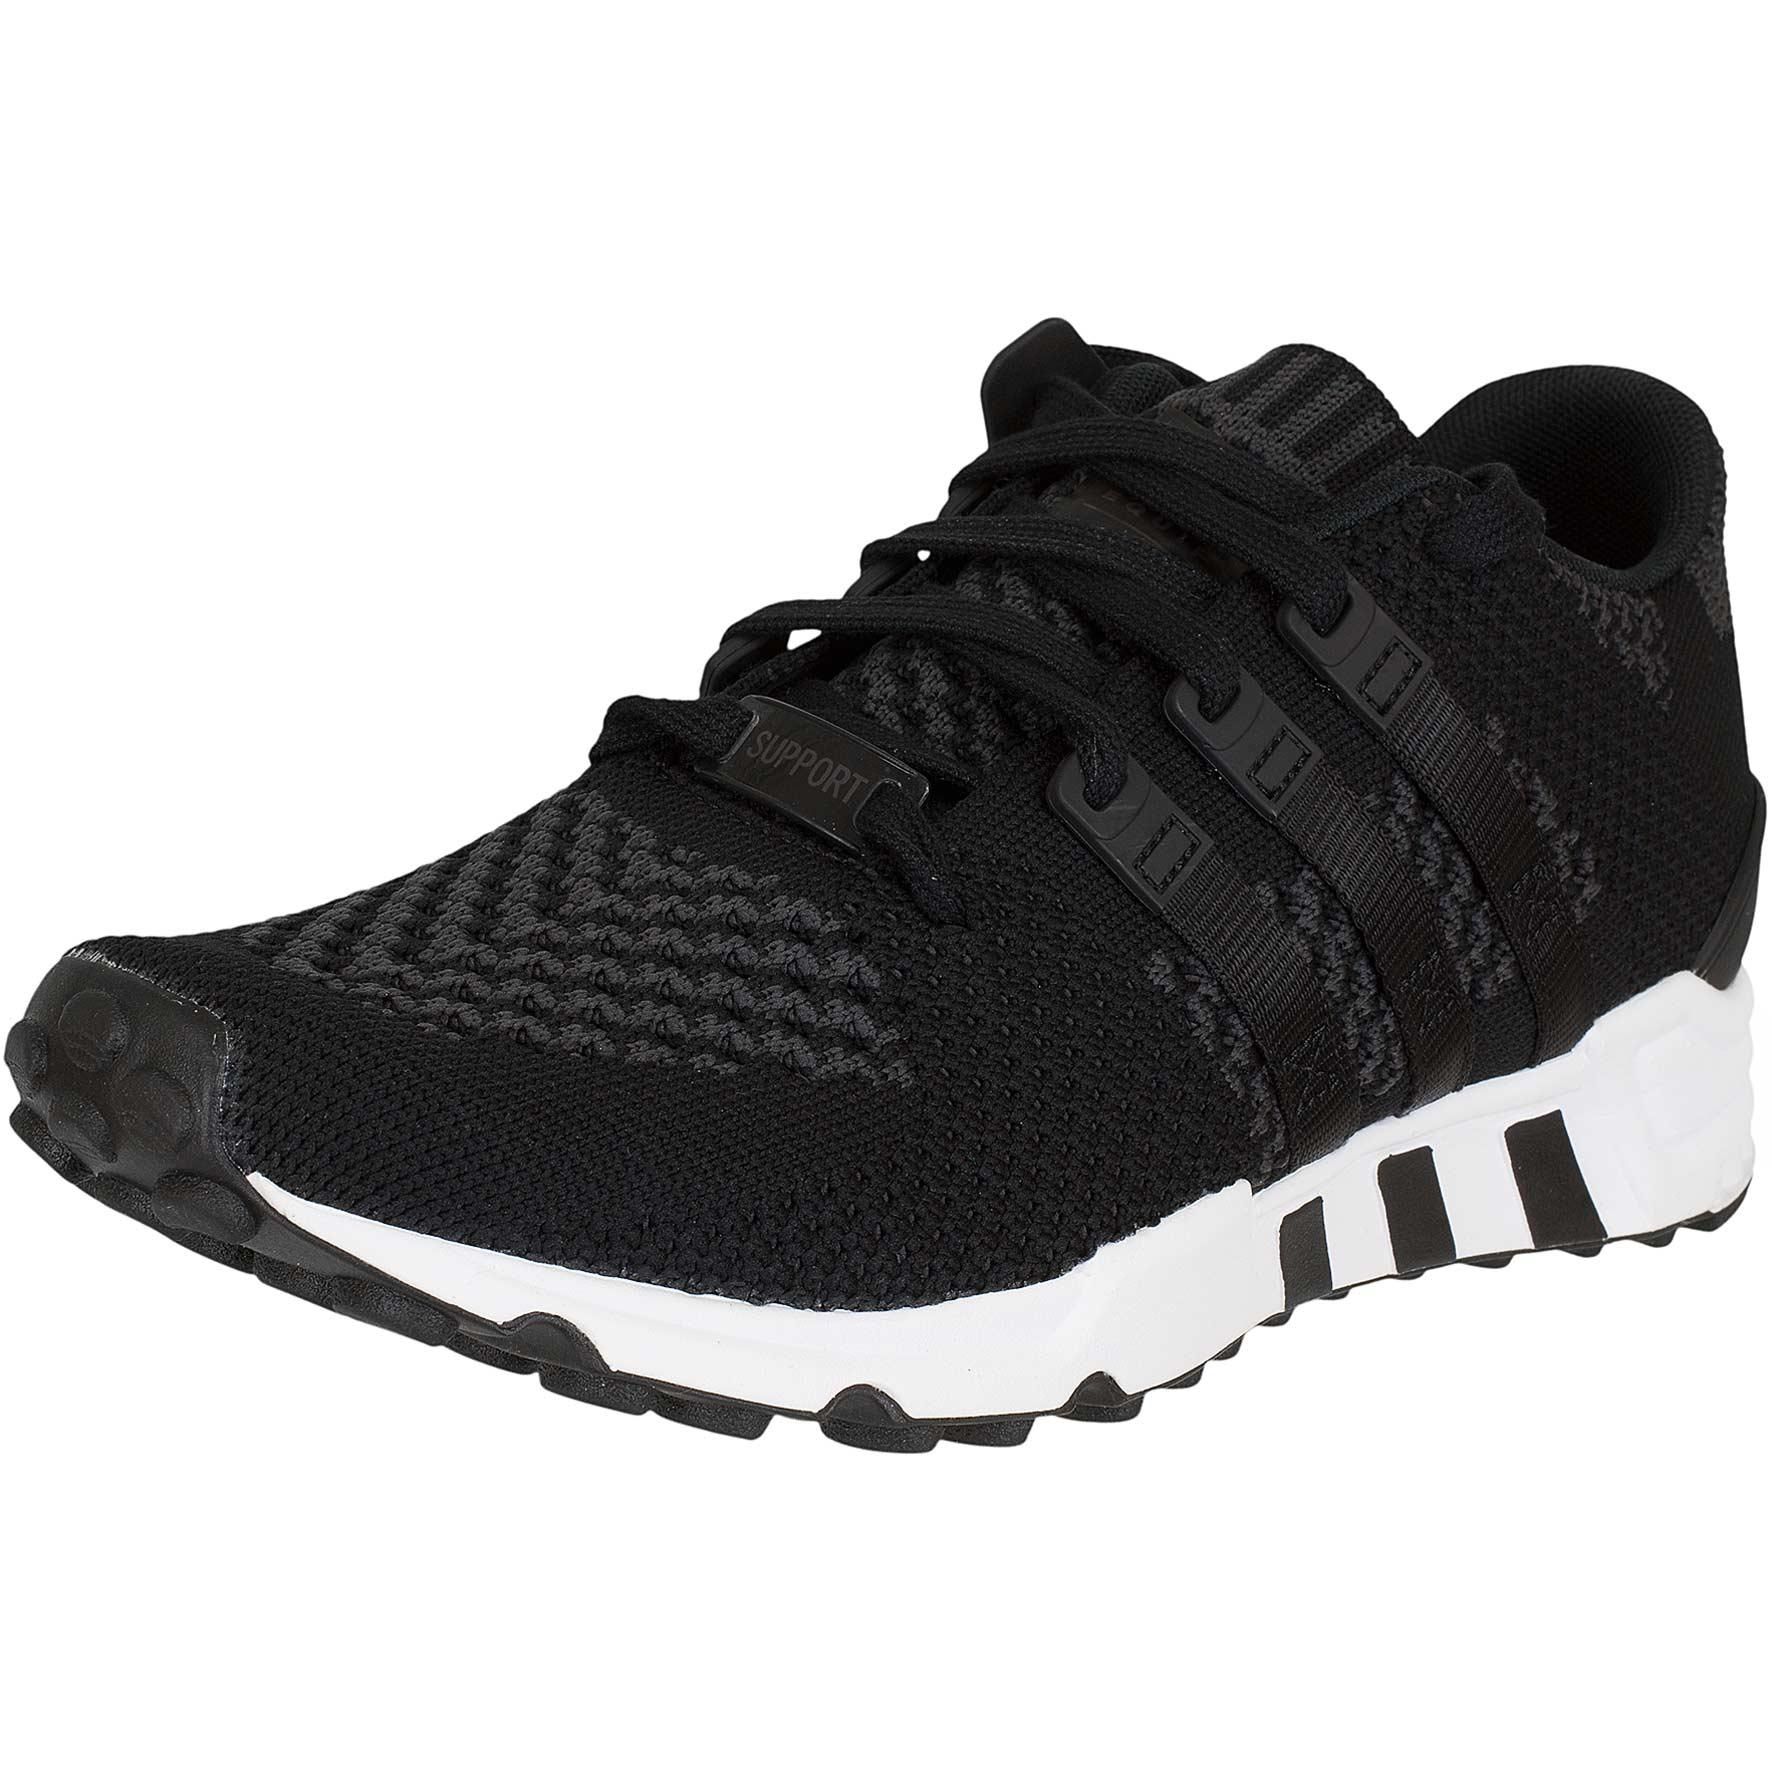 ADIDAS ORIGINALS EQT SUPPORT RF PK Schwarz Sneaker